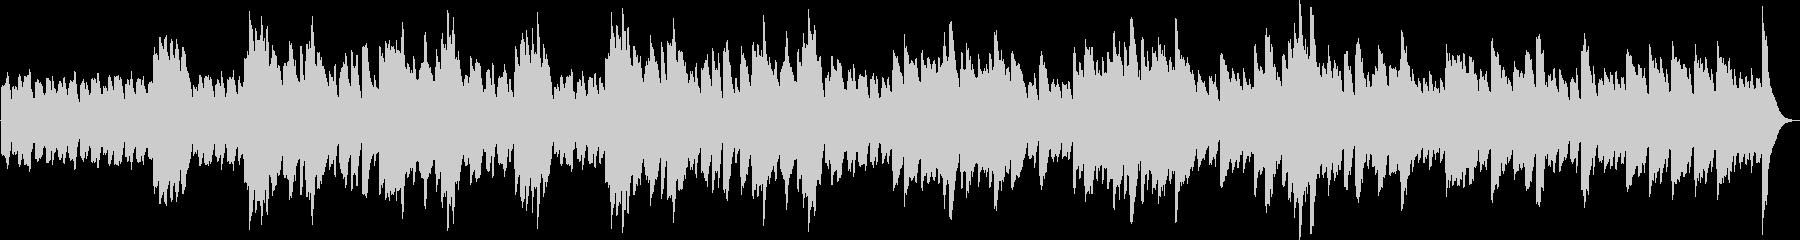 作業用癒し系オルゴールオリジナル曲の未再生の波形